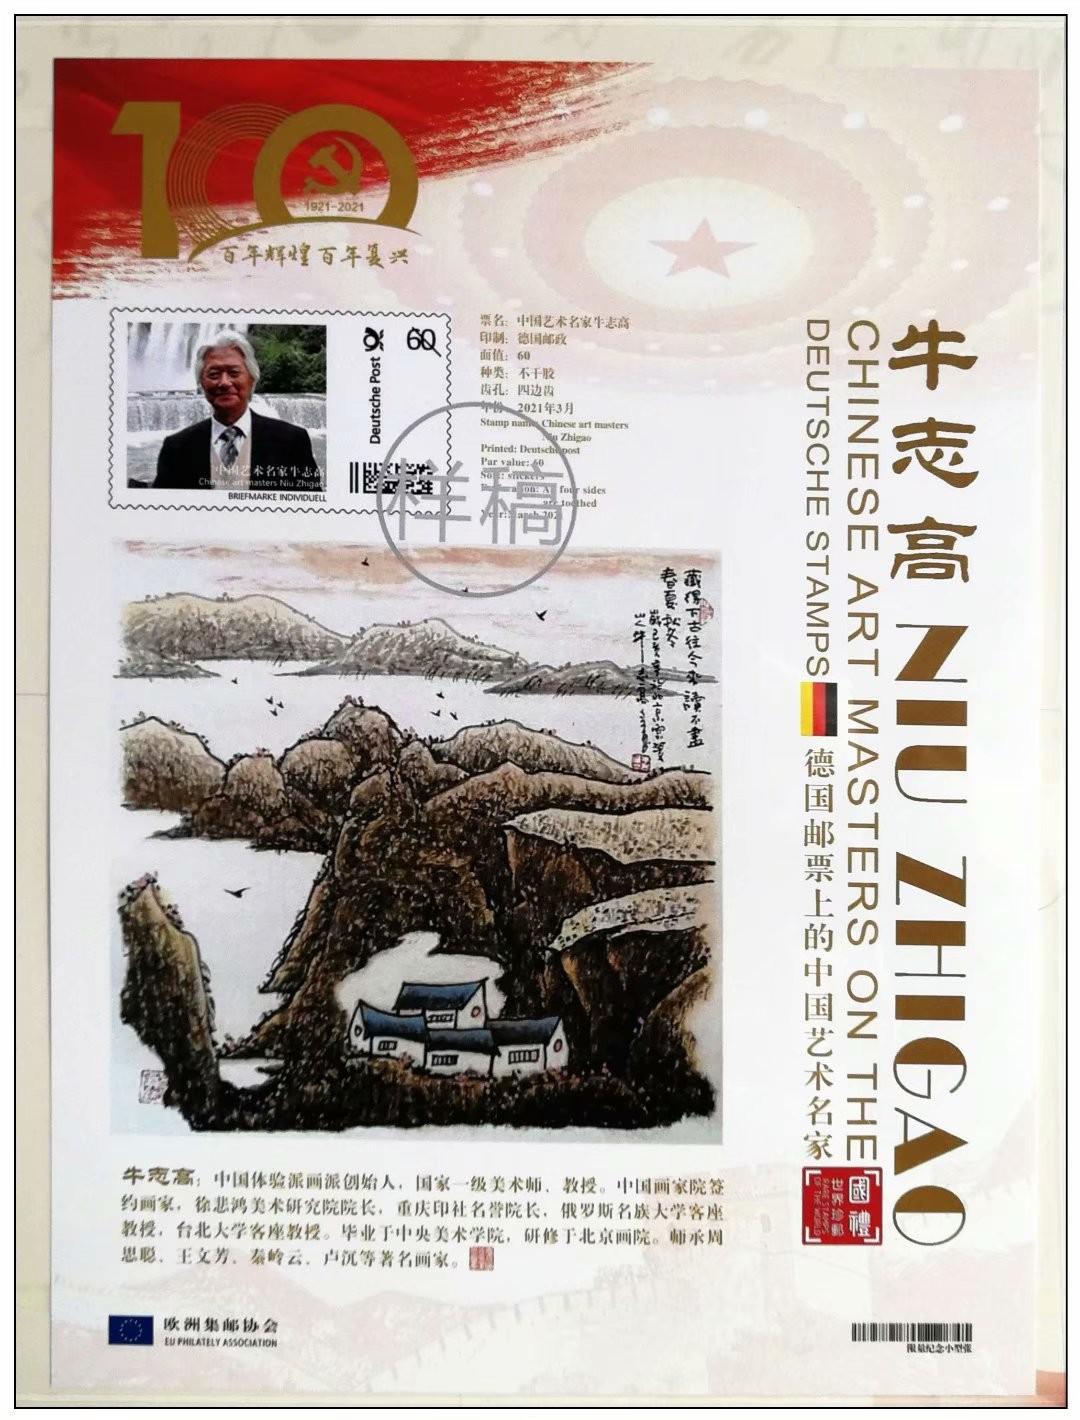 庆祝中国共产党成立100周年---牛志高书画集邮册面世2021.03.15_图1-2